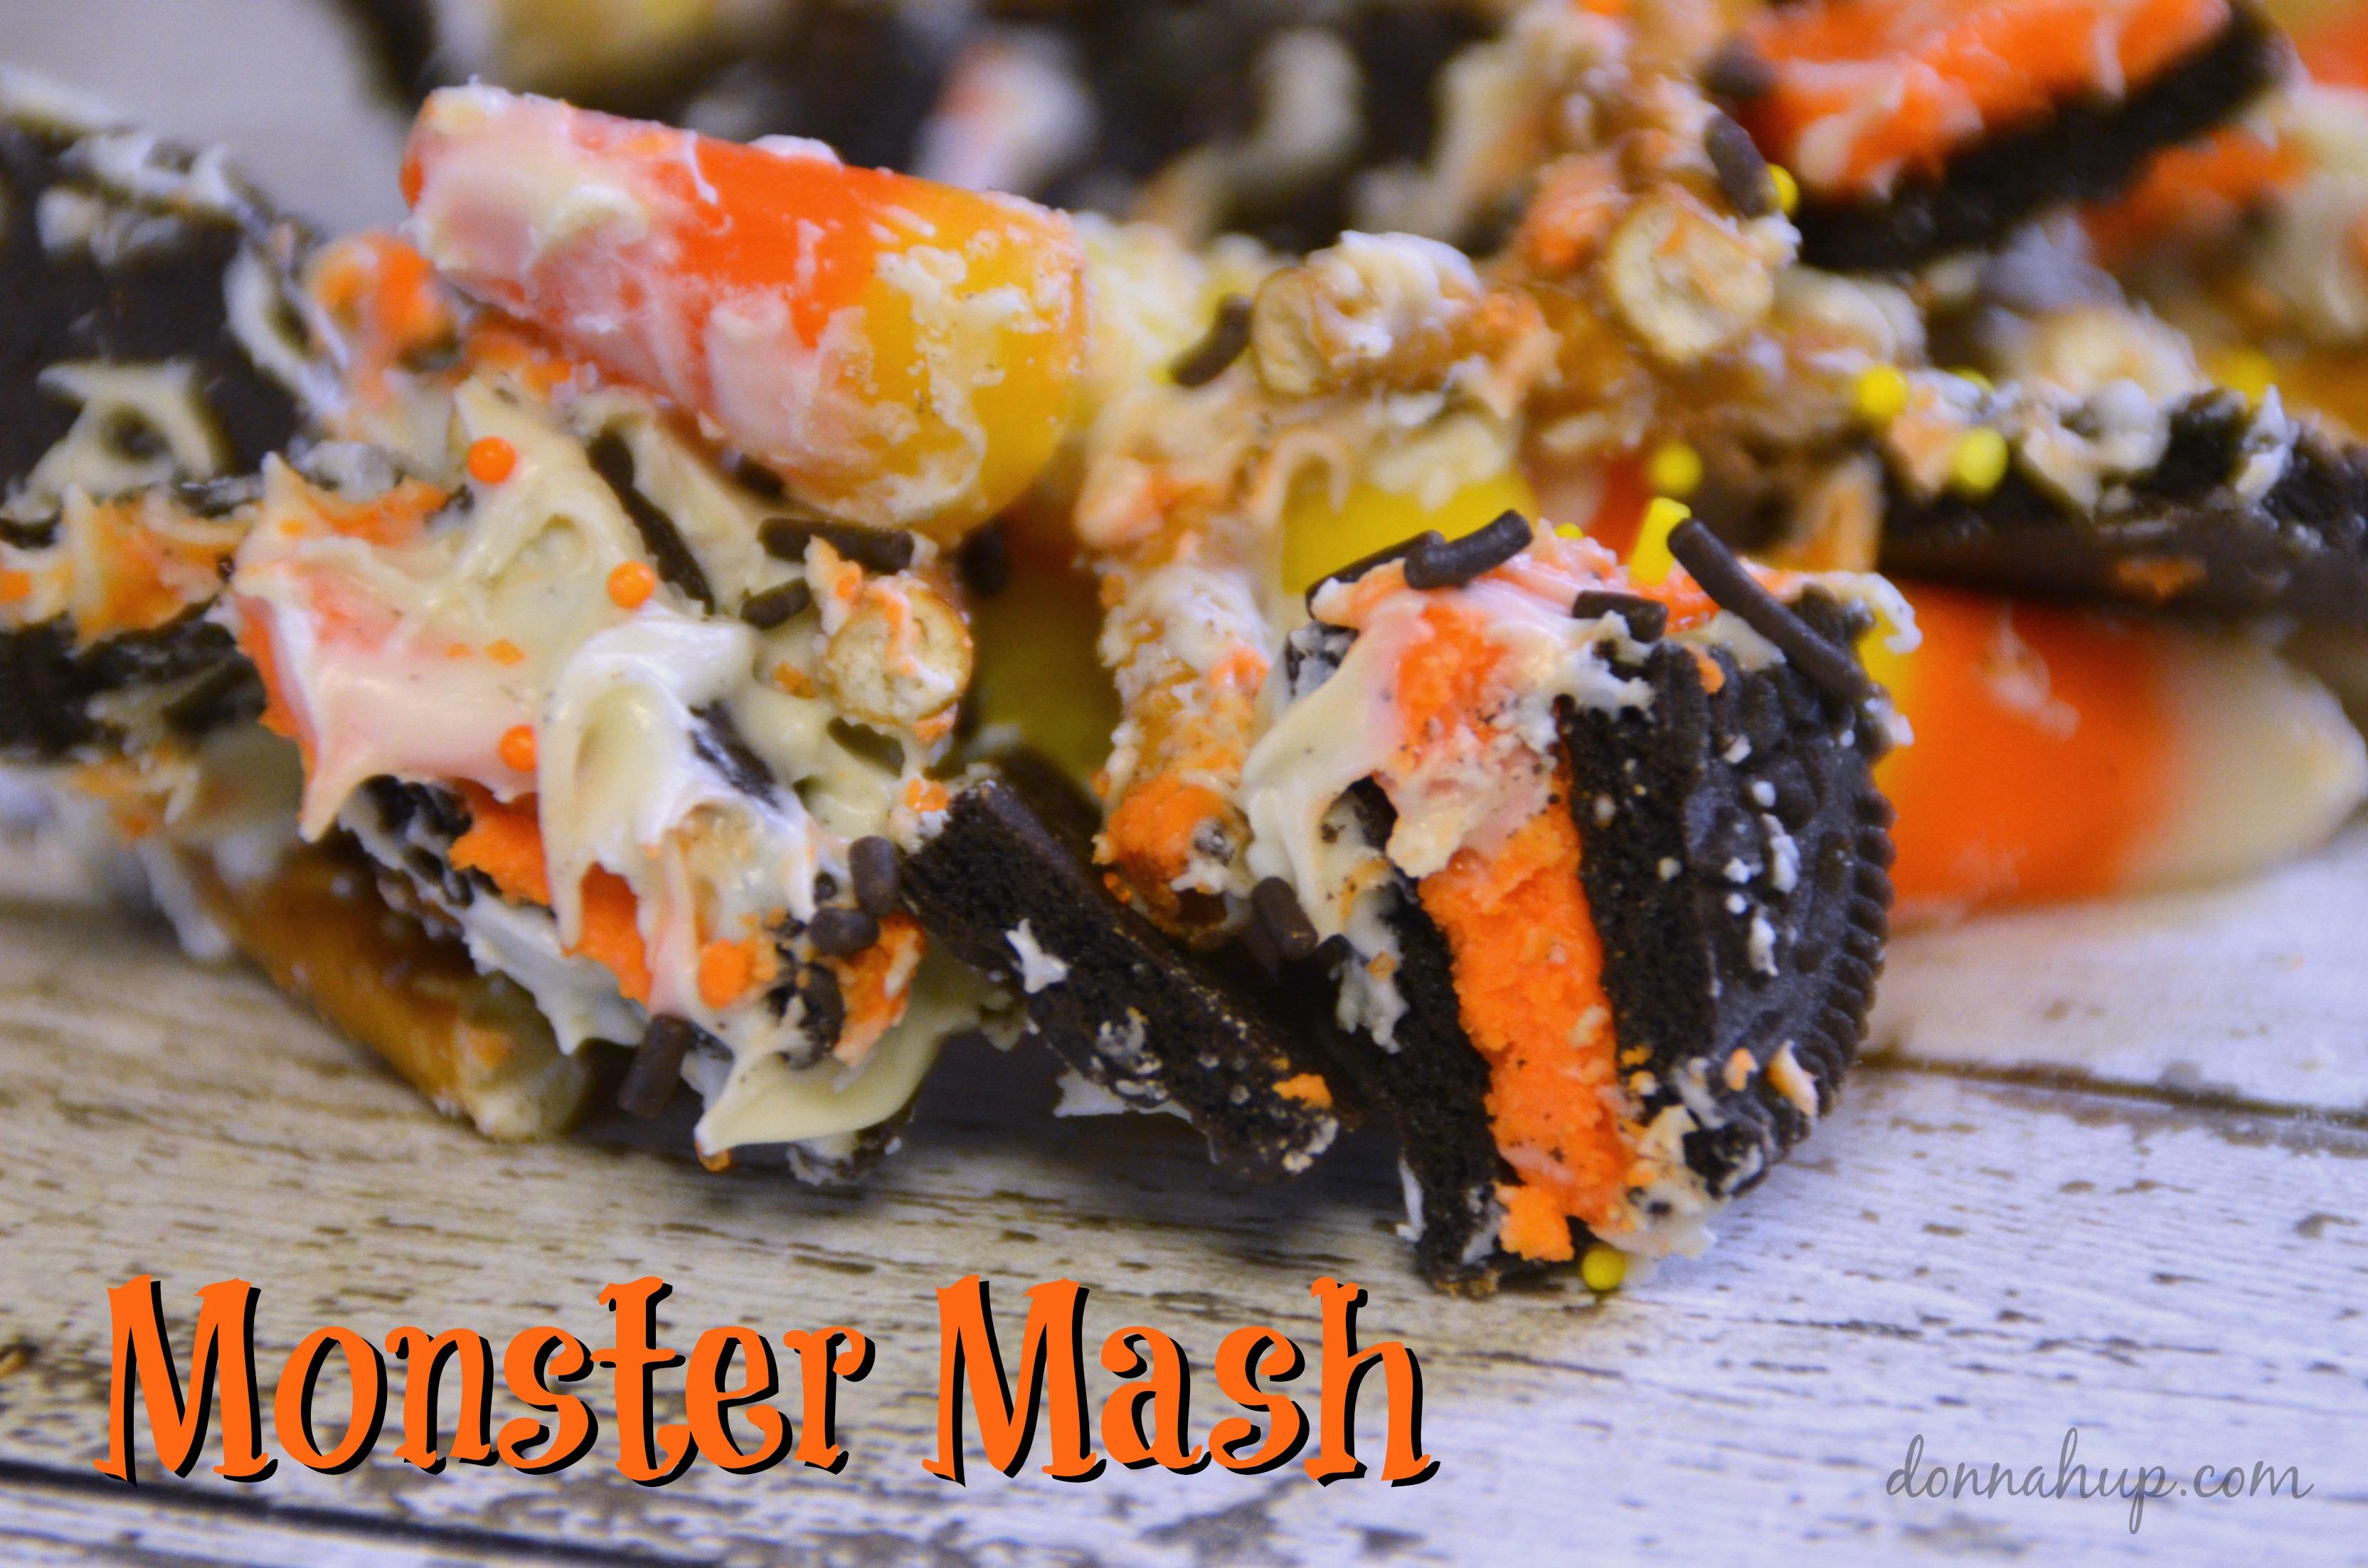 Monster Mash Recipe